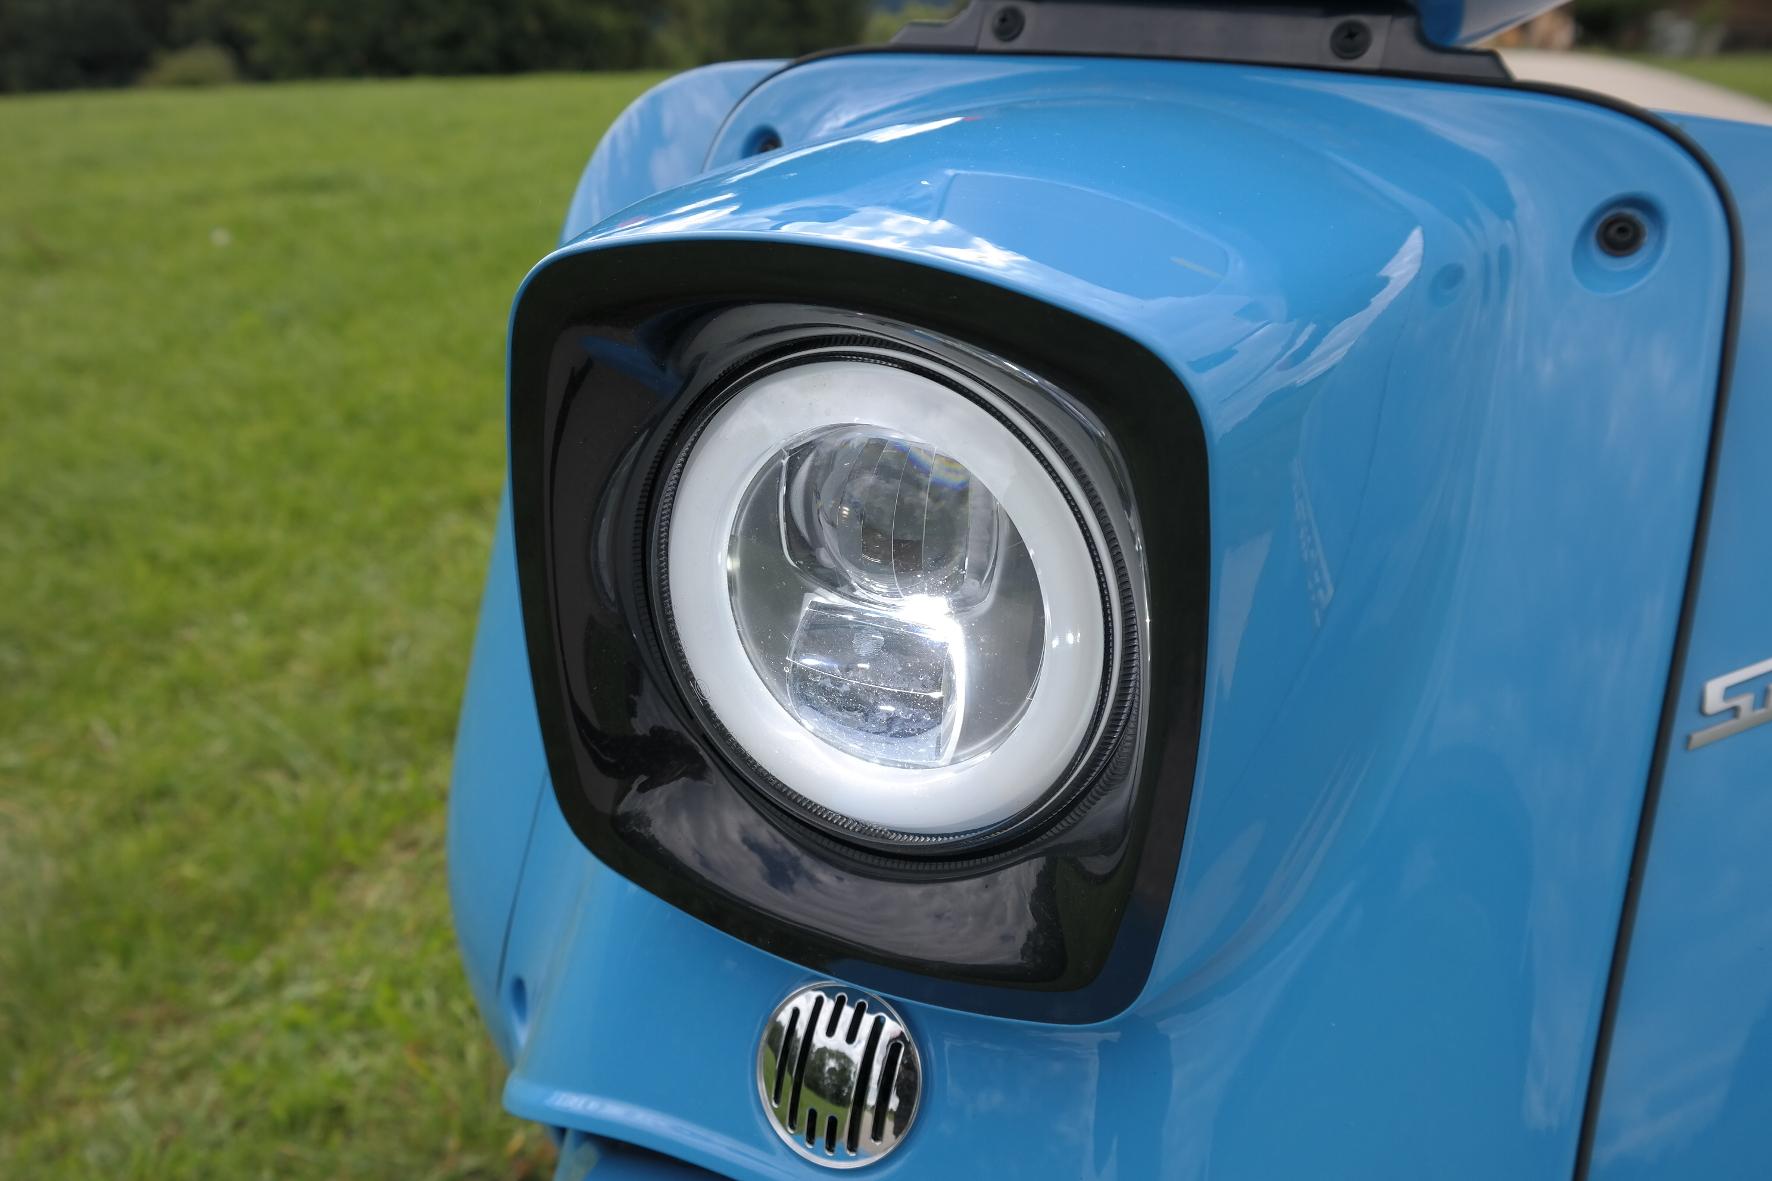 Ein LED-Scheinwerfer sorgt trotz nostalgischem Design für eine gute Ausleuchtung der Straße. © Rudolf Huber/mid/trdmobil